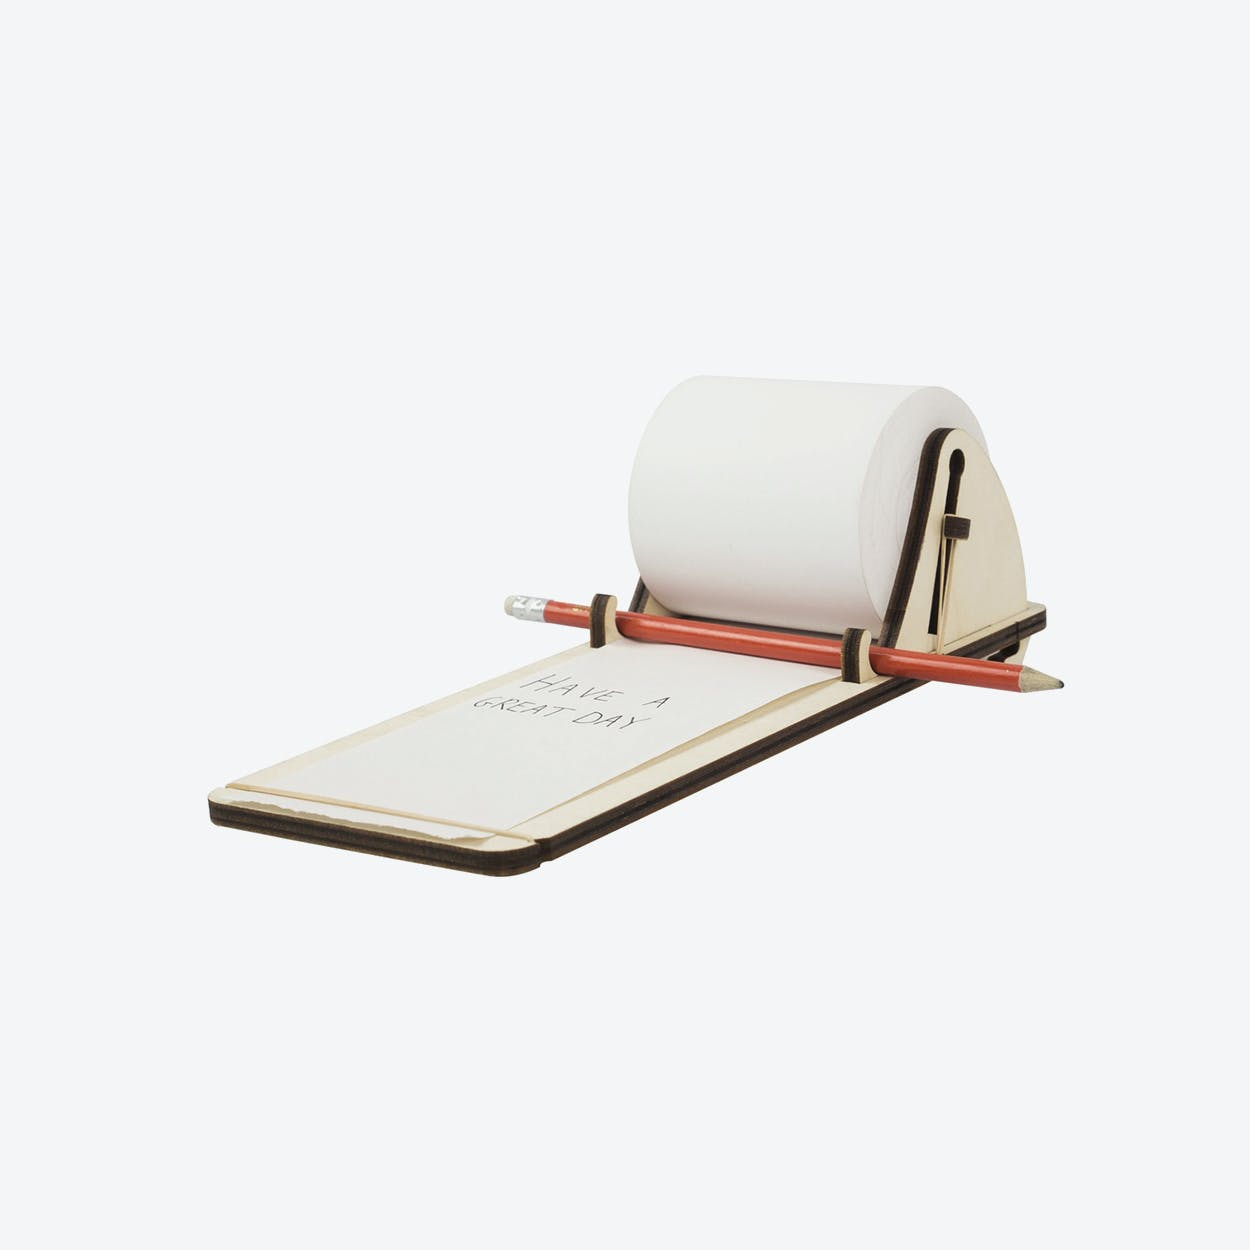 Fency Shelves, Laser, Wood Notes